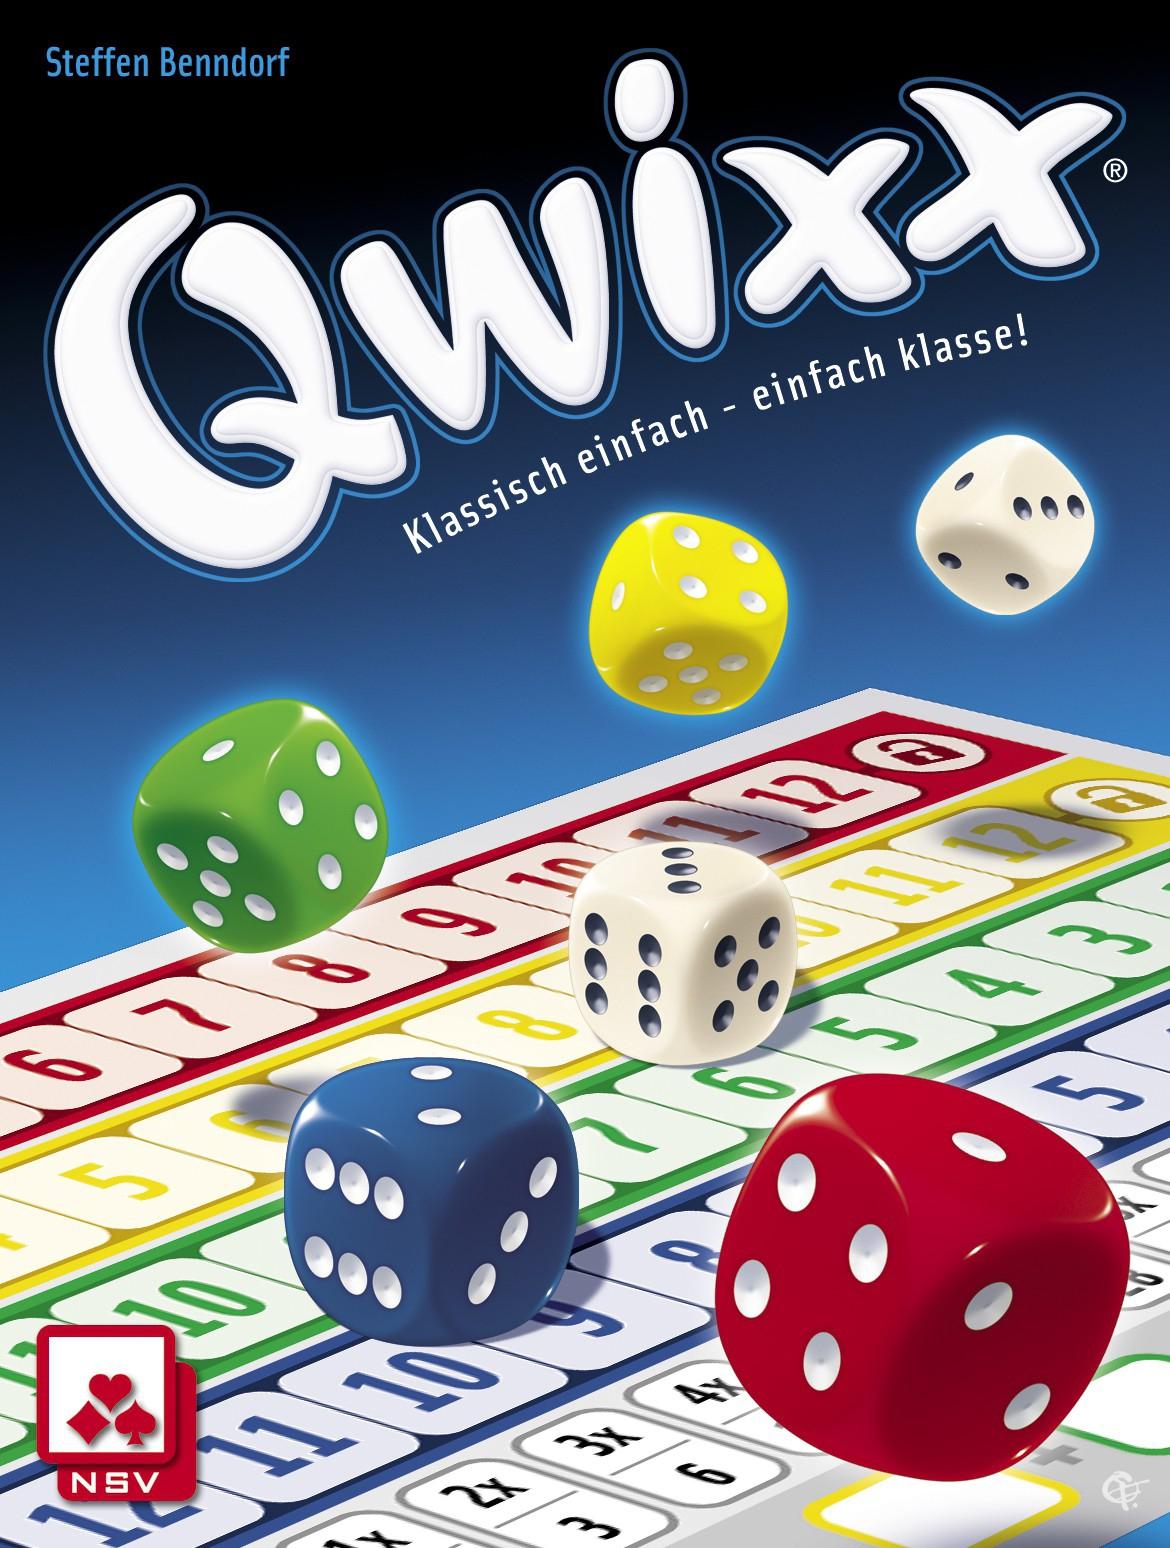 Spielregeln Qwixx